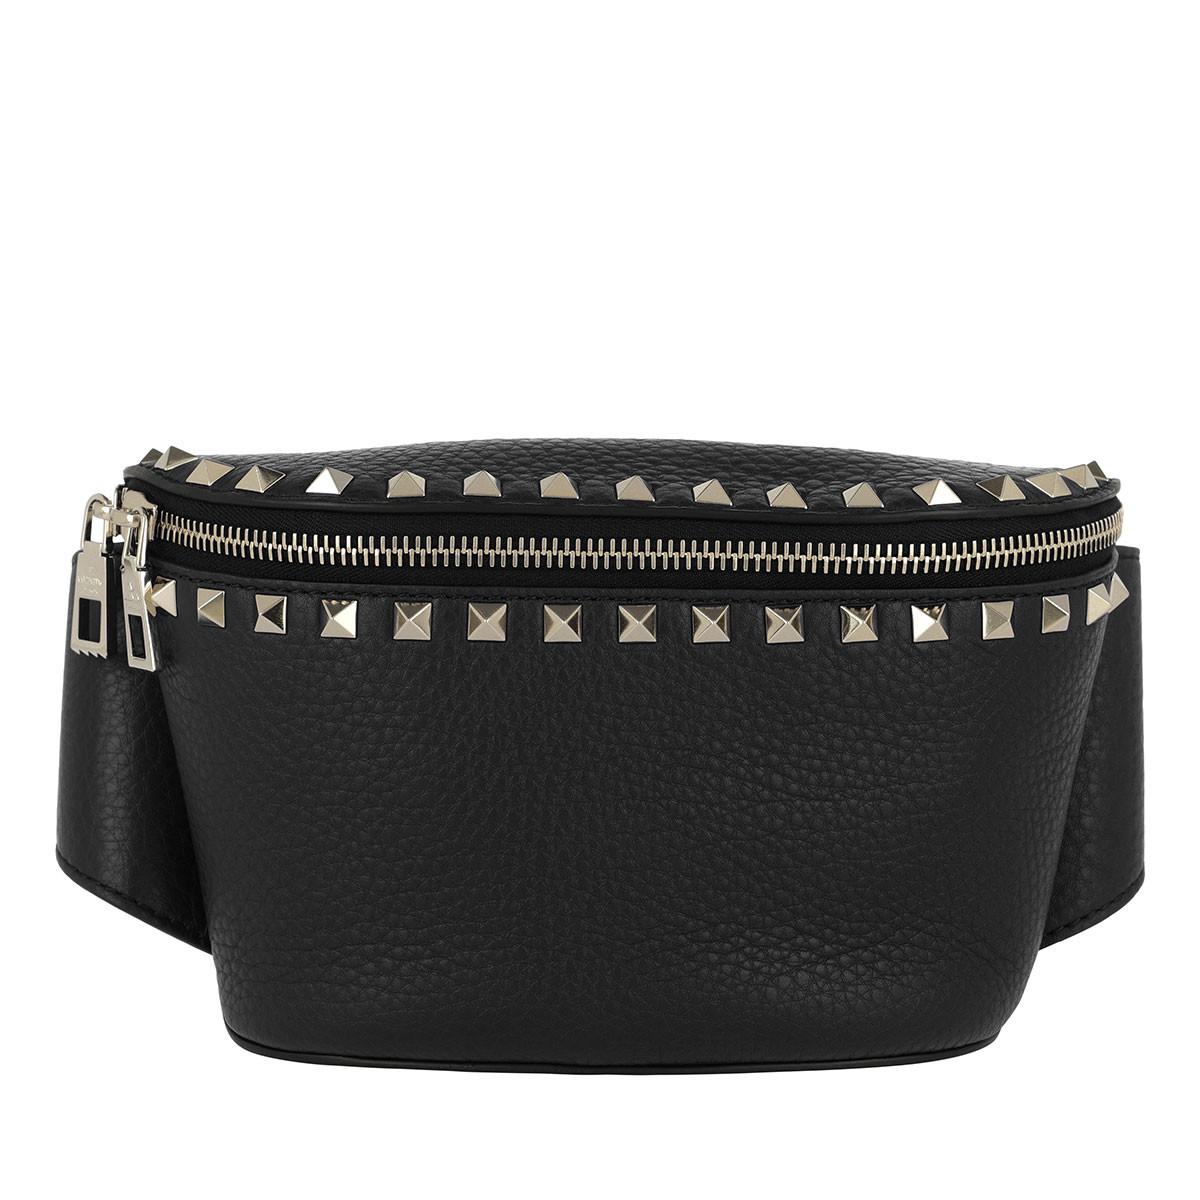 Valentino Gürteltasche - Rockstud Belt Bag Calf Leather Nero - in schwarz - für Damen